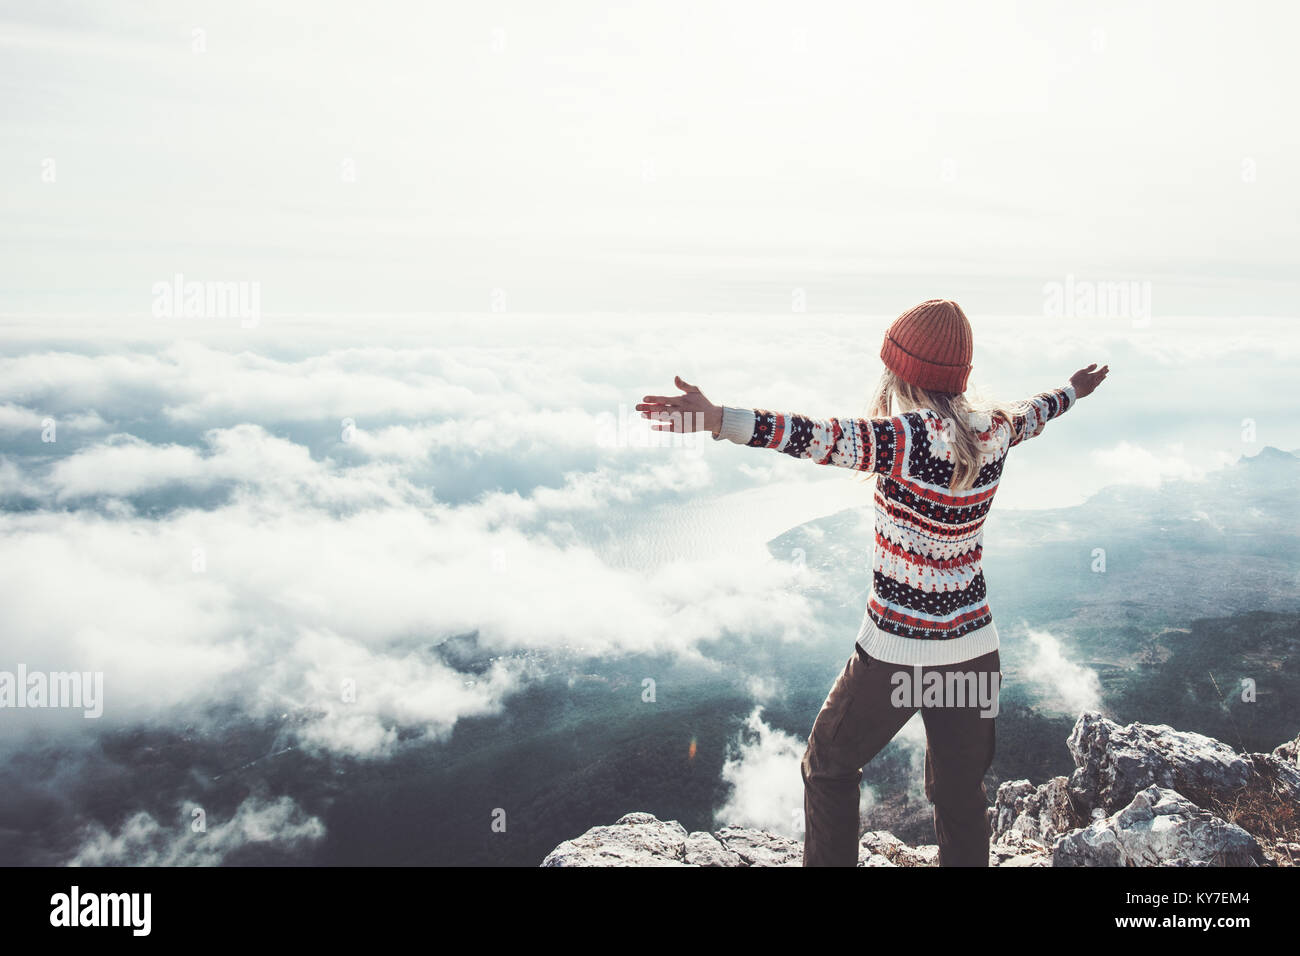 Glückliche Frau Reisenden auf Berggipfel und hob die Hand Reisen Lifestyle erfolg konzept Abenteuer aktiv Urlaub Stockbild